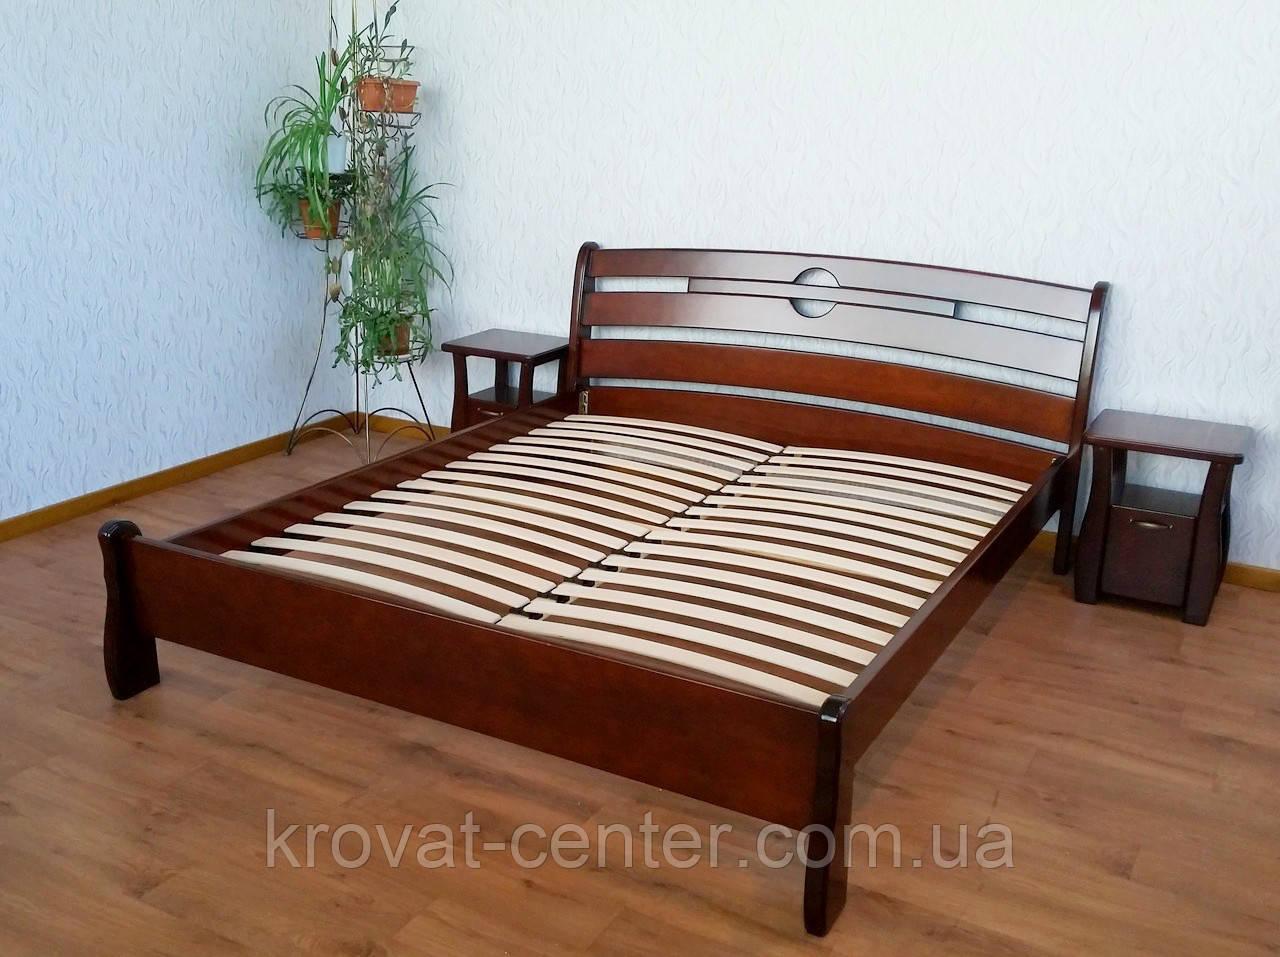 """Деревянная мебель для спальни от производителя """"Каприз"""" (кровать с тумбочками)"""